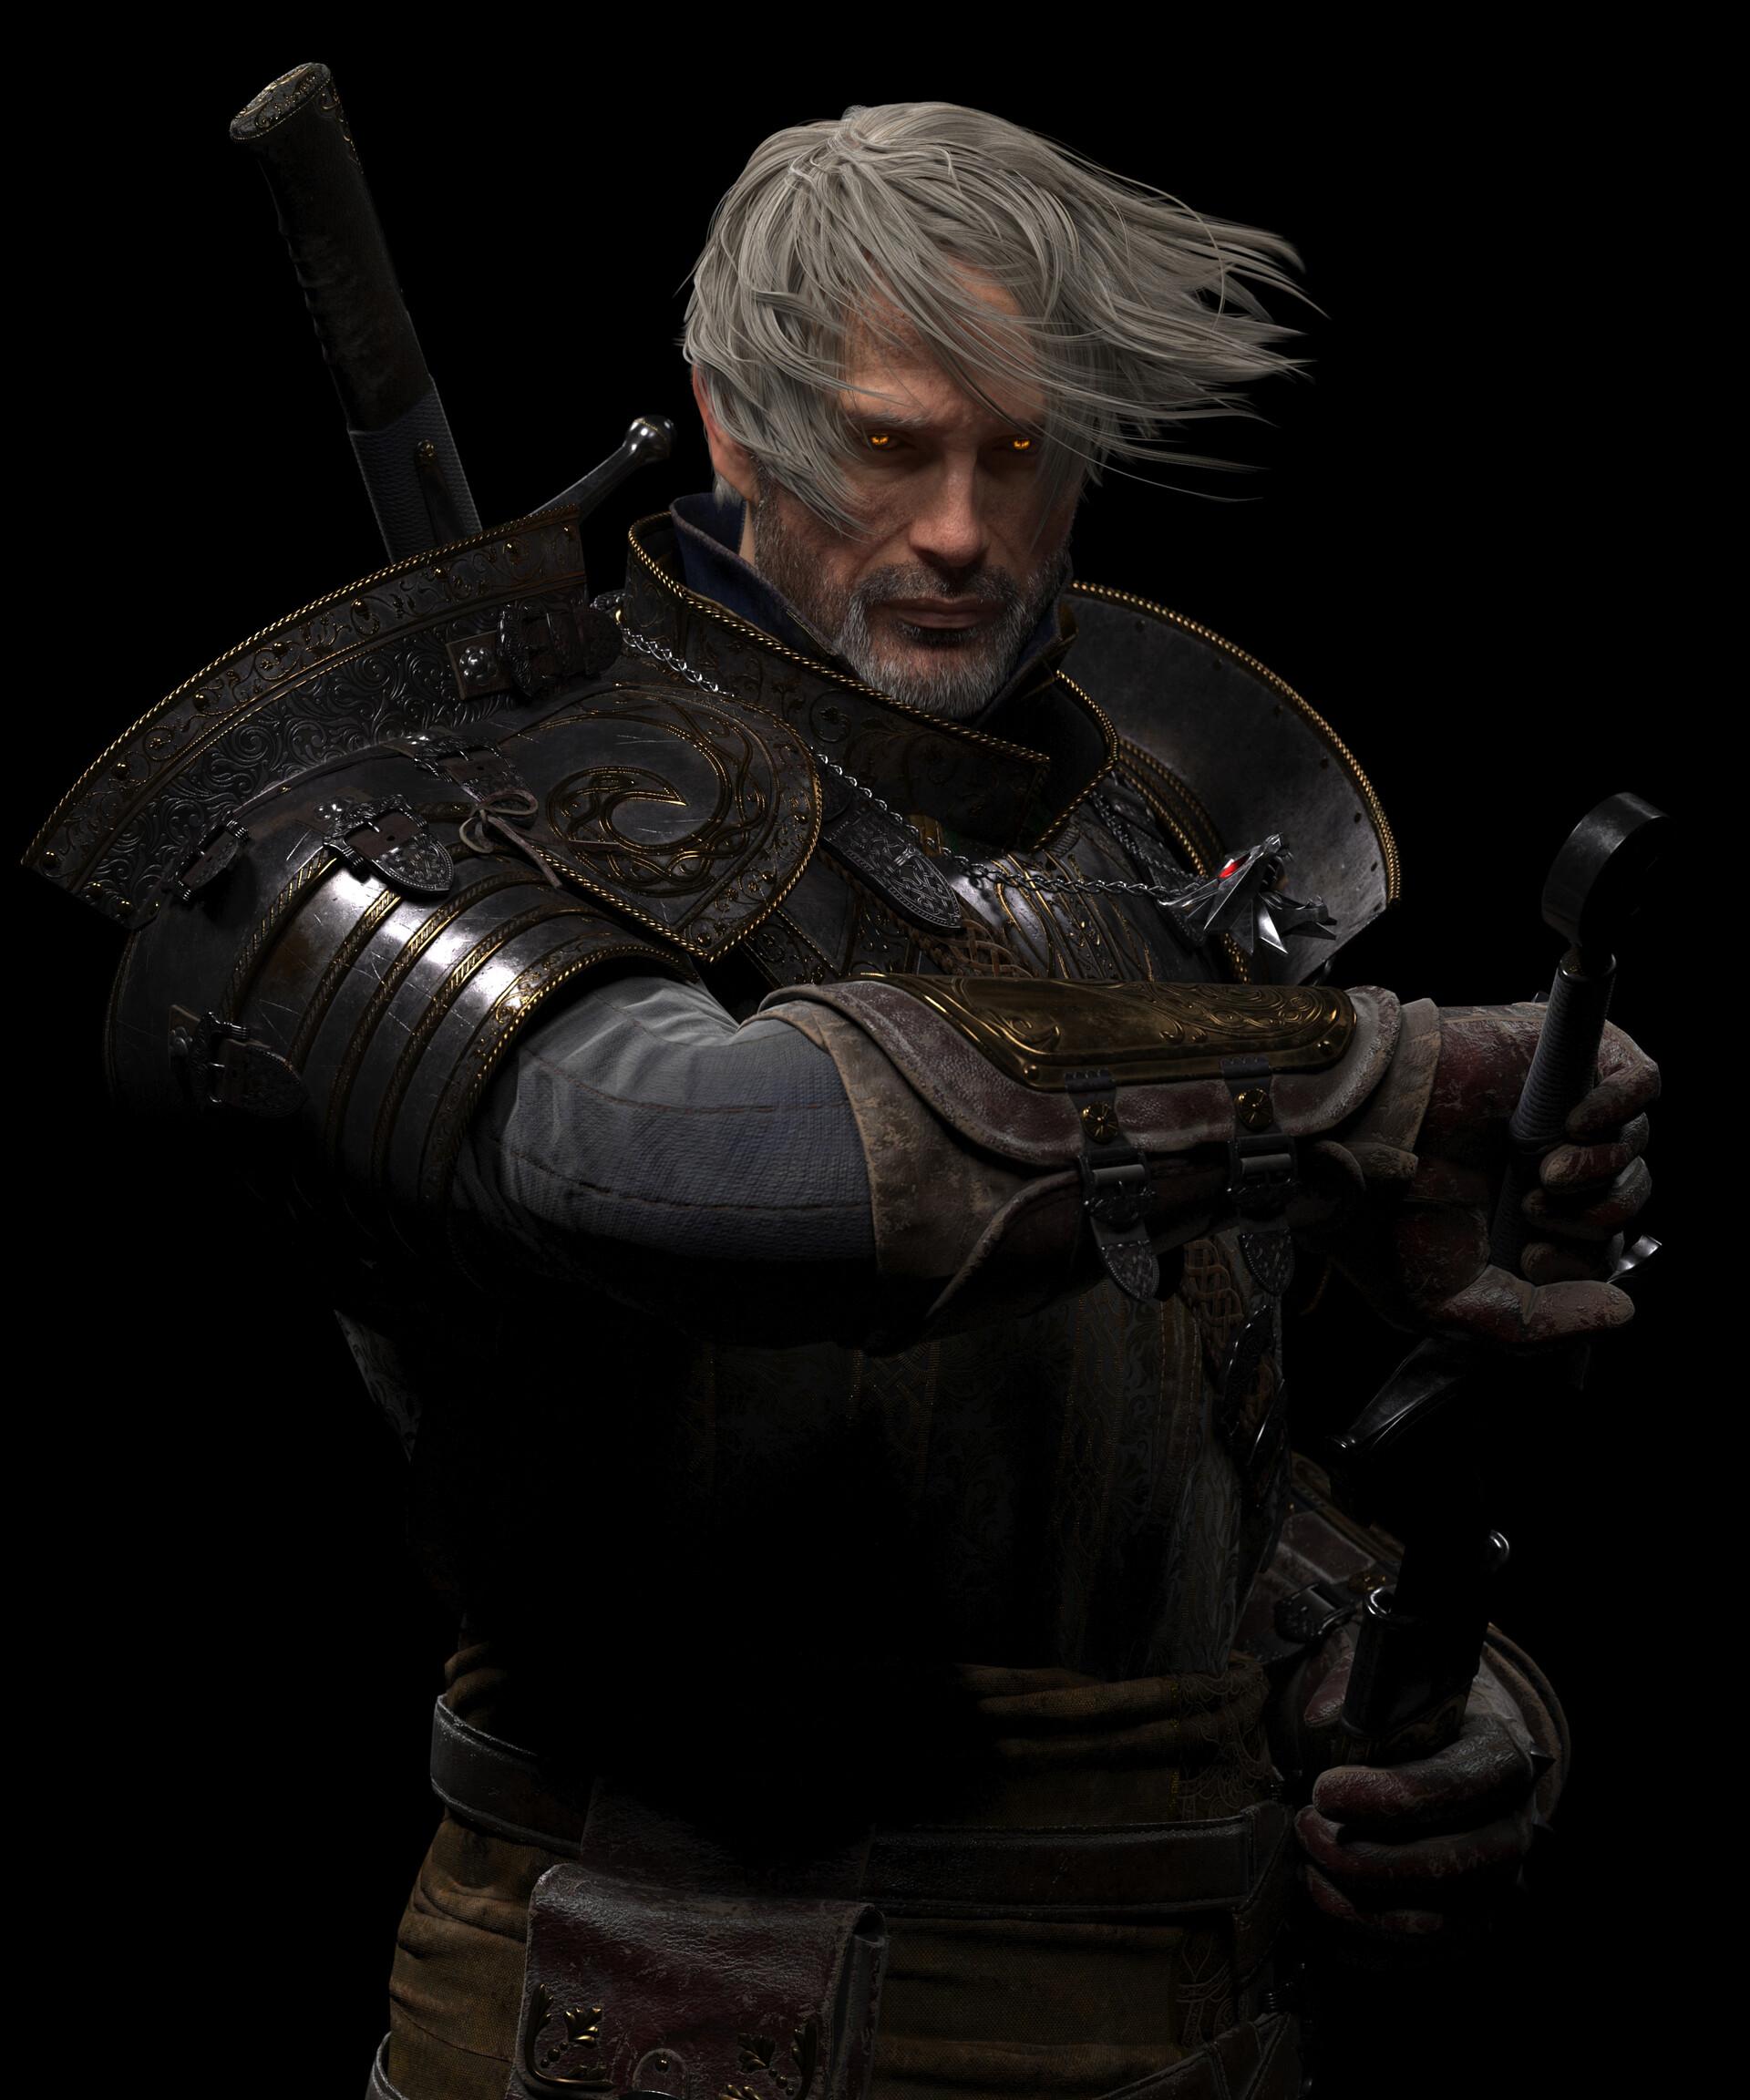 mad-mikkelsen-the-witcher-geralt